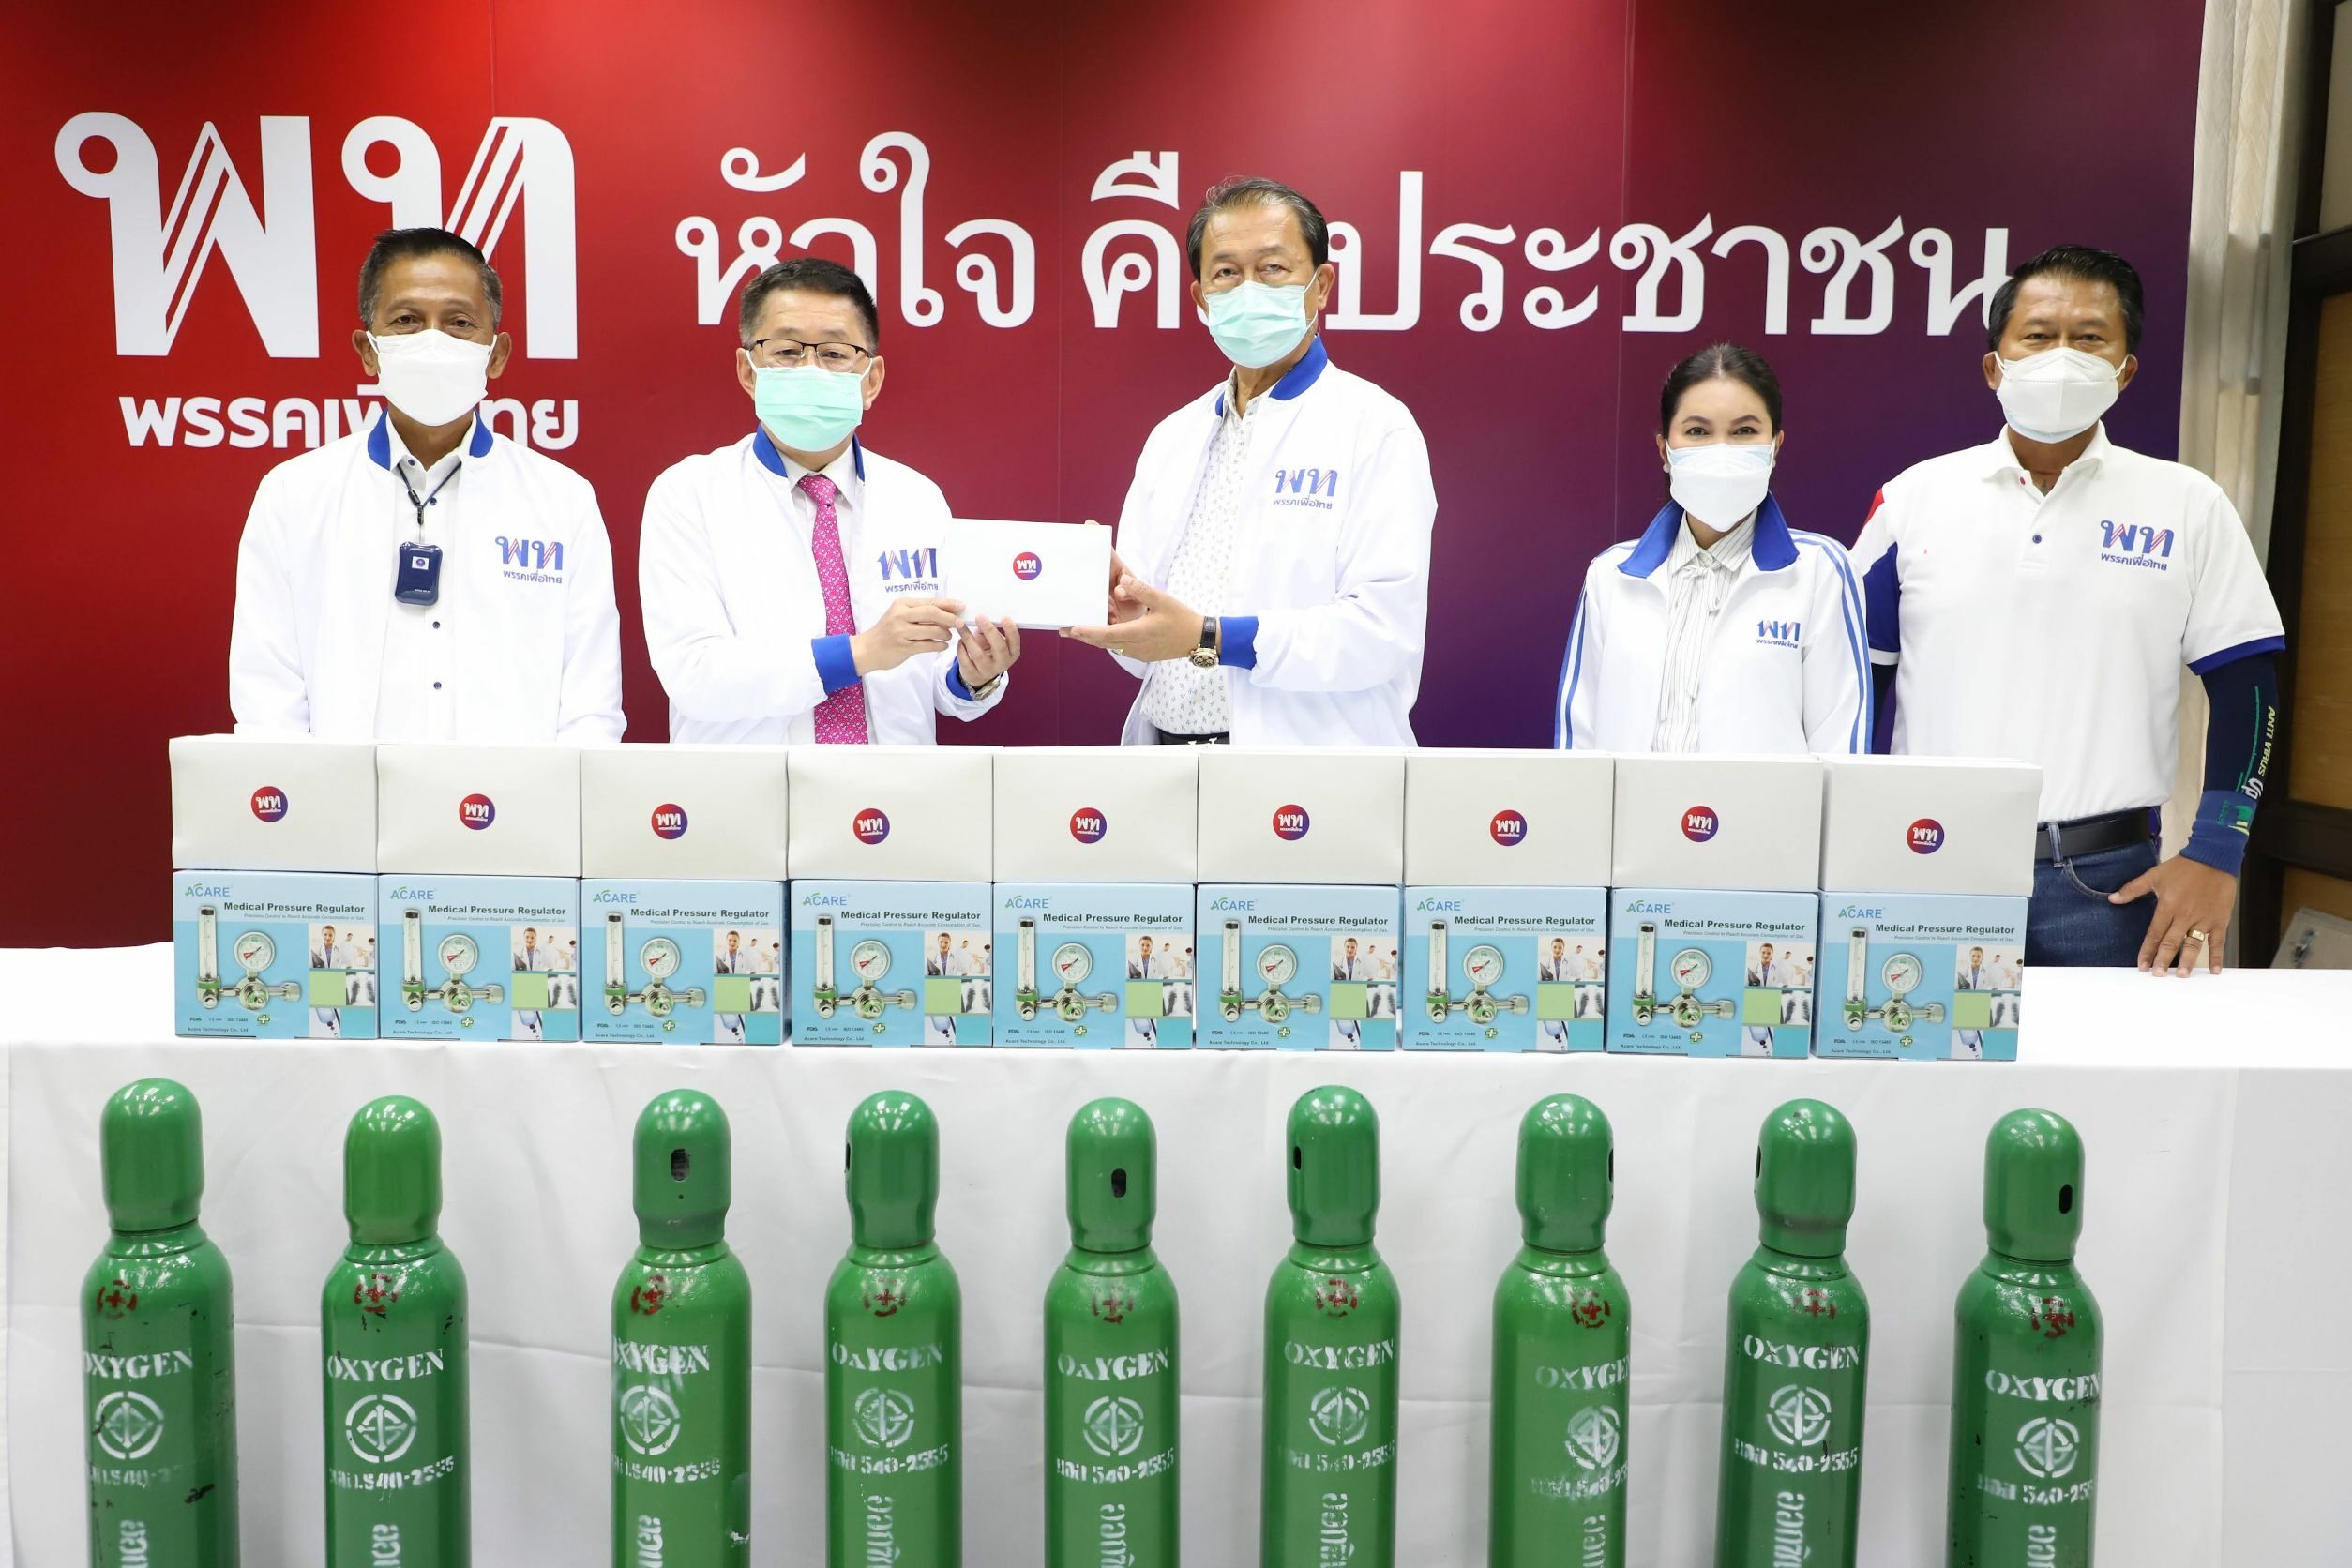 เพื่อไทย มอบถังออกซิเจน-อุปกรณ์การแพทย์ ให้ ส.ส.-ว่าที่ผู้สมัคร ส.ก. ใช้ช่วยชาวบ้าน